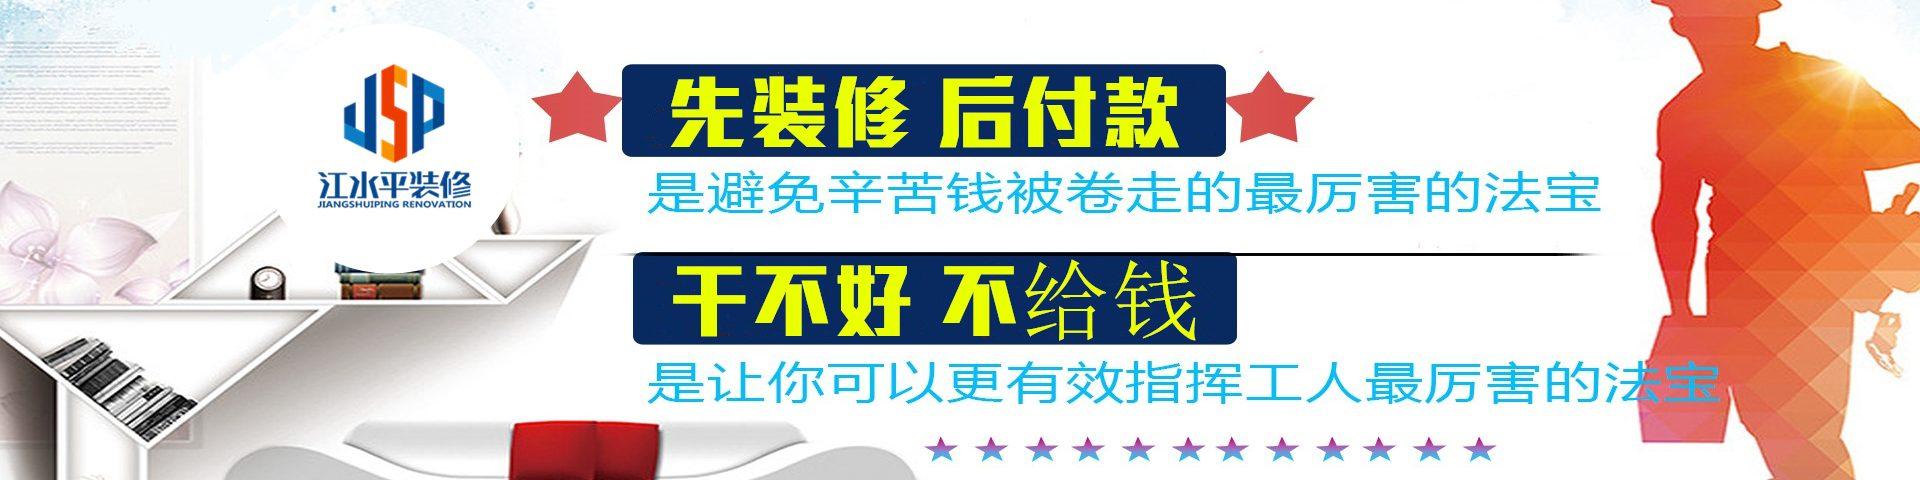 南京二手房装修